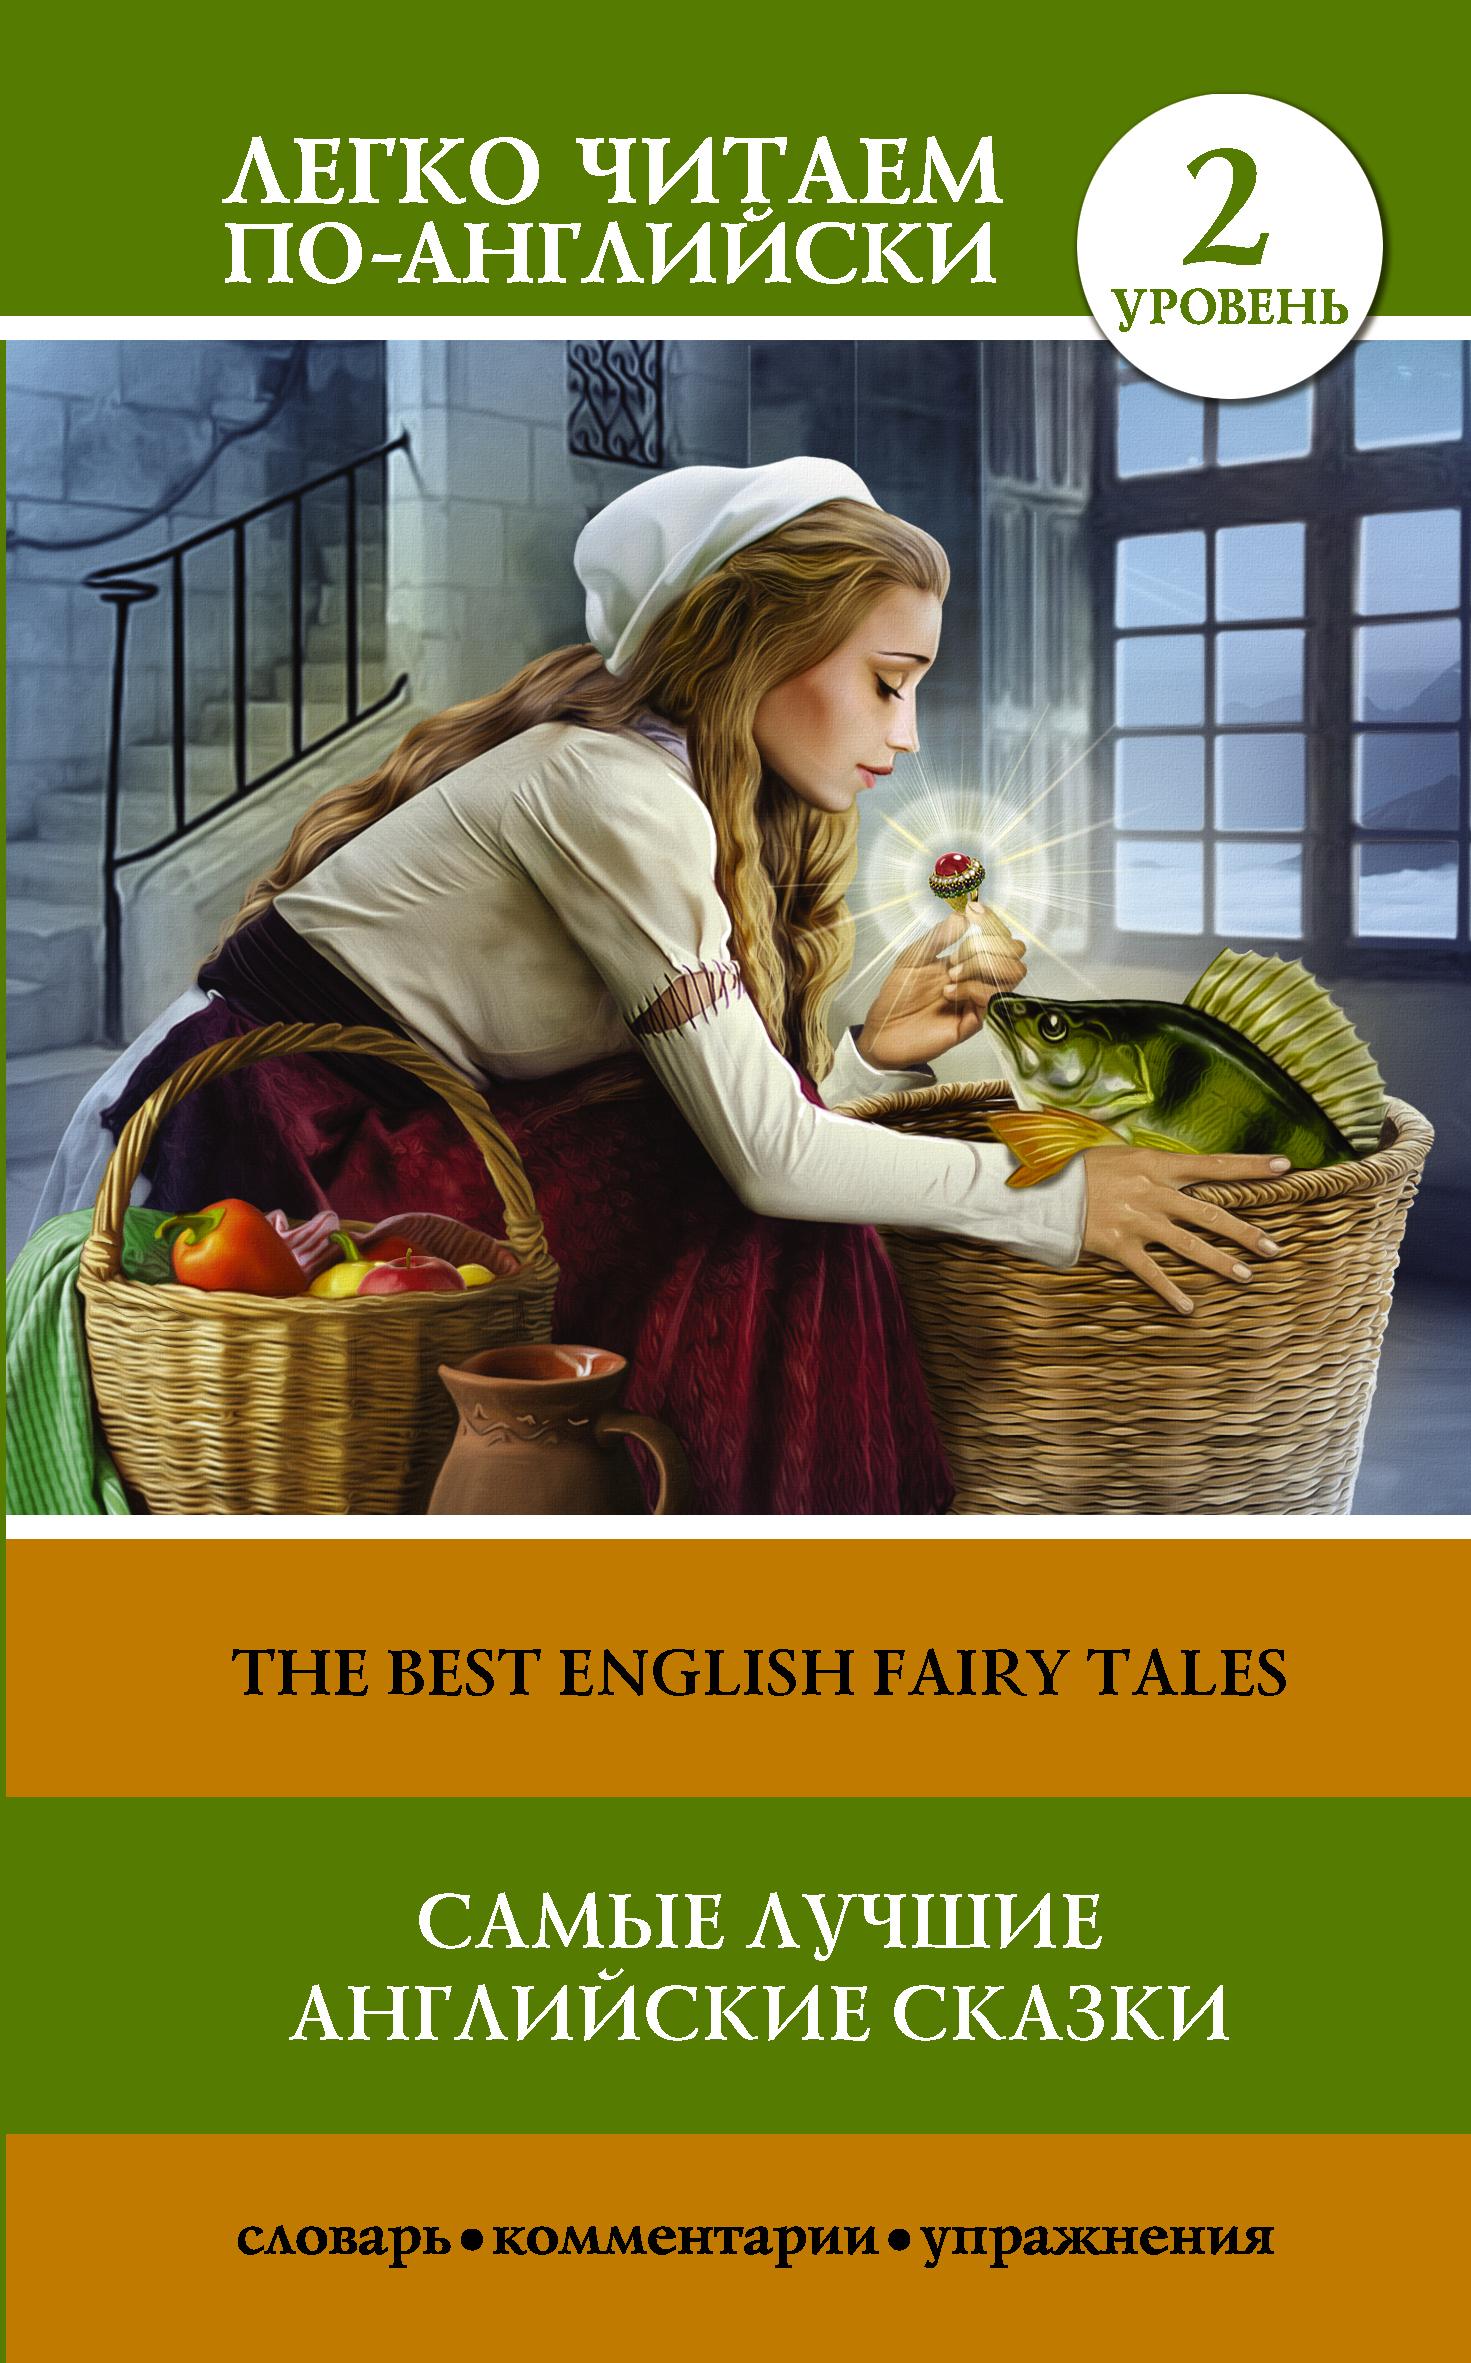 Самые лучшие английские сказки. Уровень 2